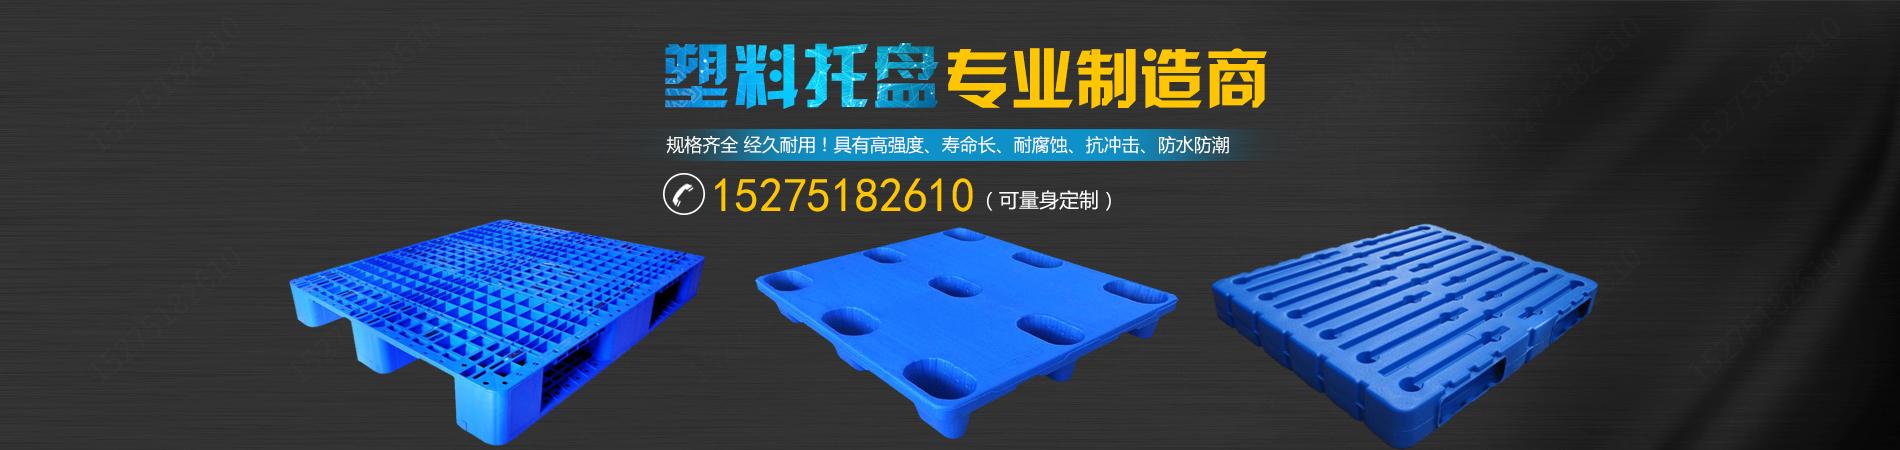 塑料M88明陞厂家、陕西塑料M88明陞、山东塑料M88明陞、成都塑料M88明陞